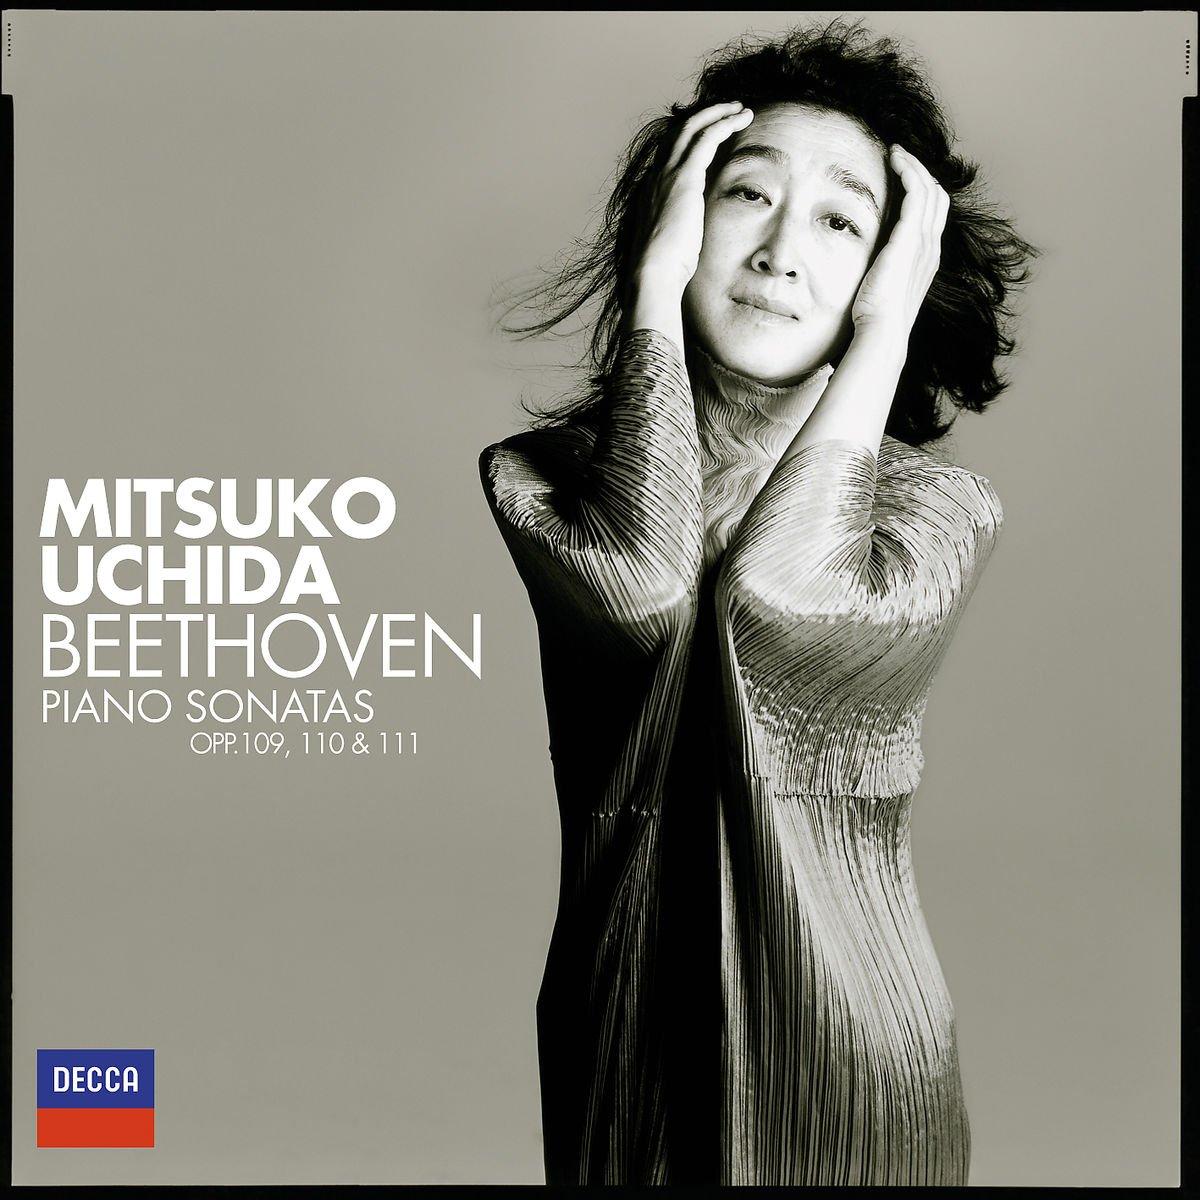 Мицуко Ючида Beethoven. Piano Sonatas Nos. 30, 31 & 32 мицуко ючида schumann carnival kreisleriana